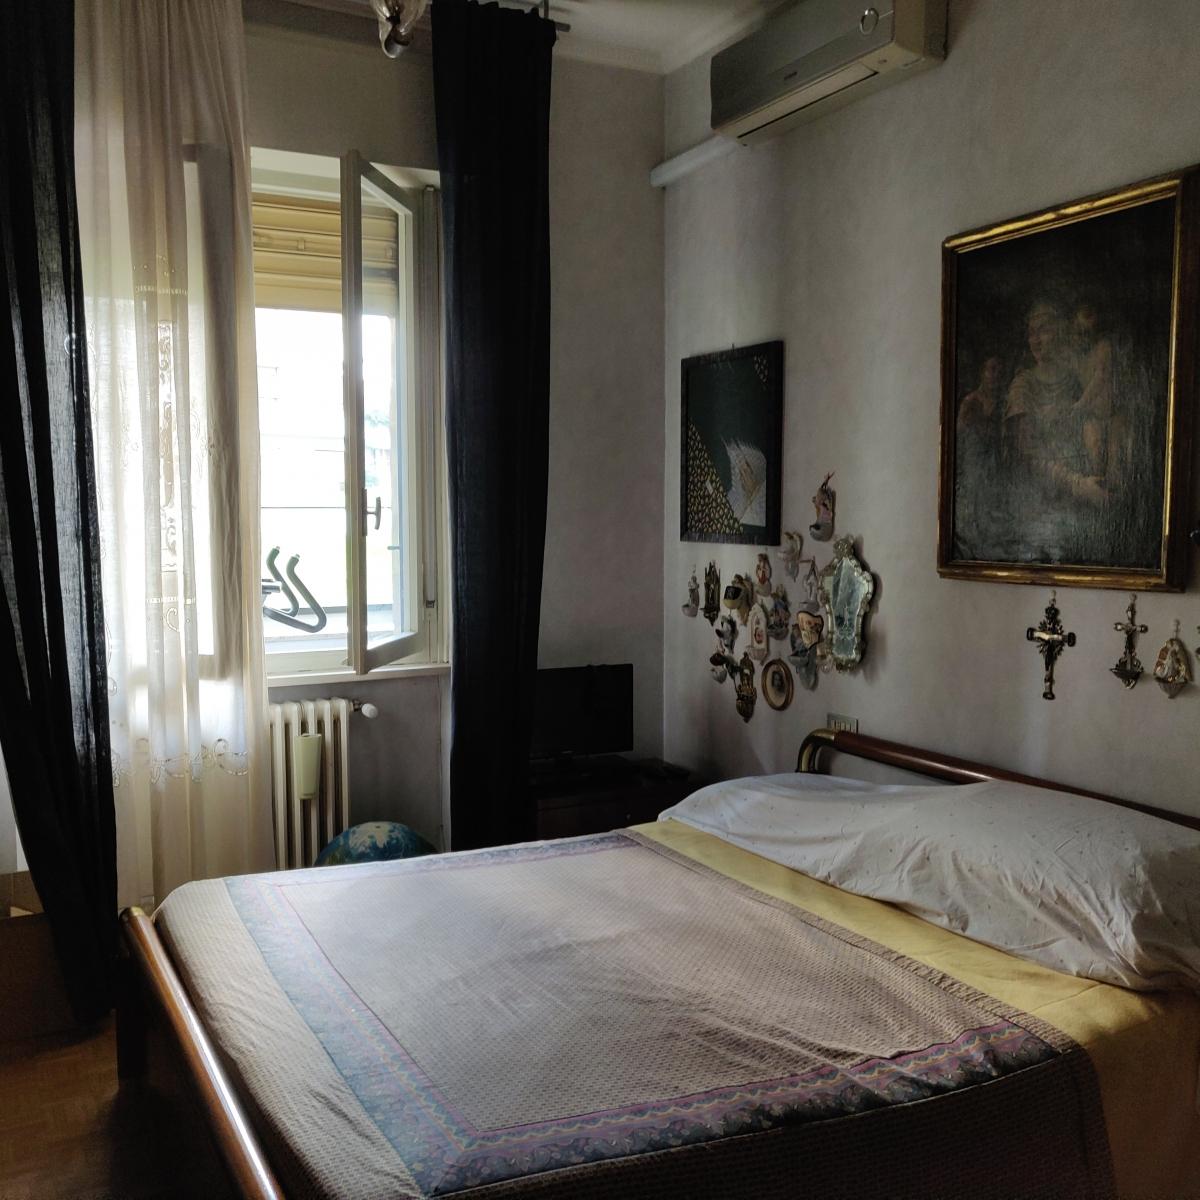 appartamento-in-vendita-baggio-via-gianella-3-locali-spaziourbano-immobiliare-vende-9